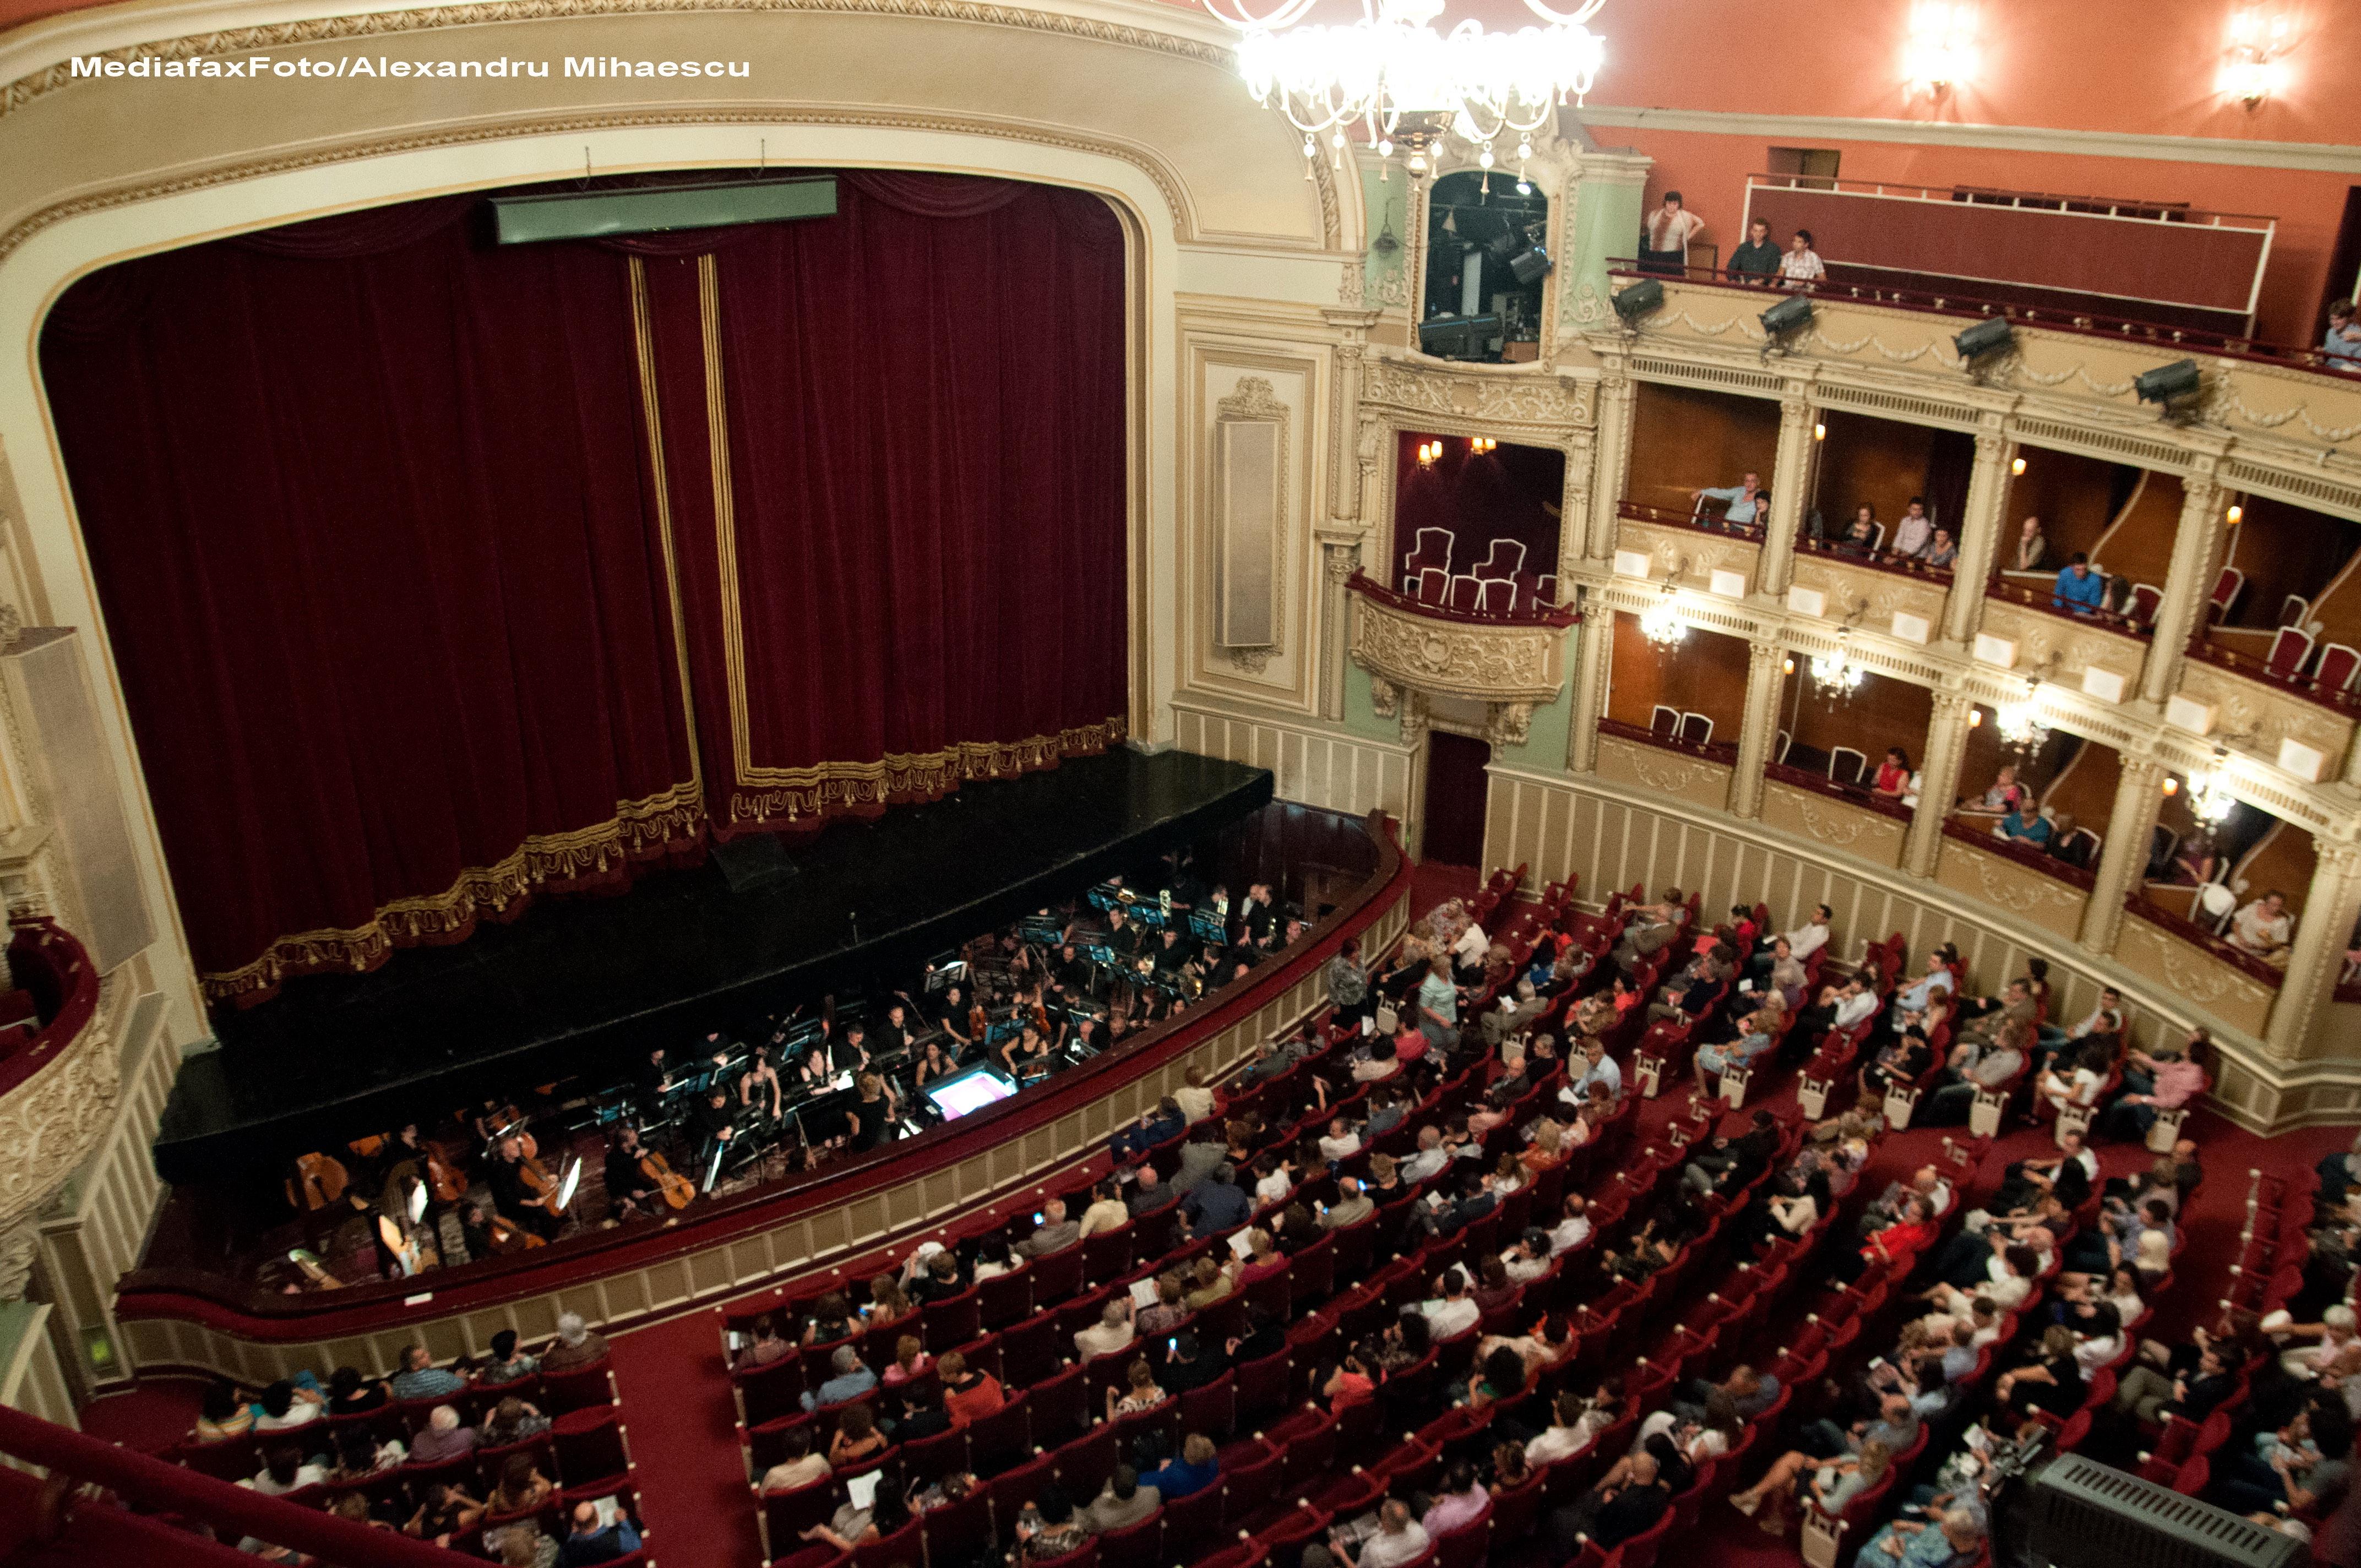 Premiera la Opera Nationala Romana din Cluj-Napoca. Primul Studio de Opera isi incepe activitatea